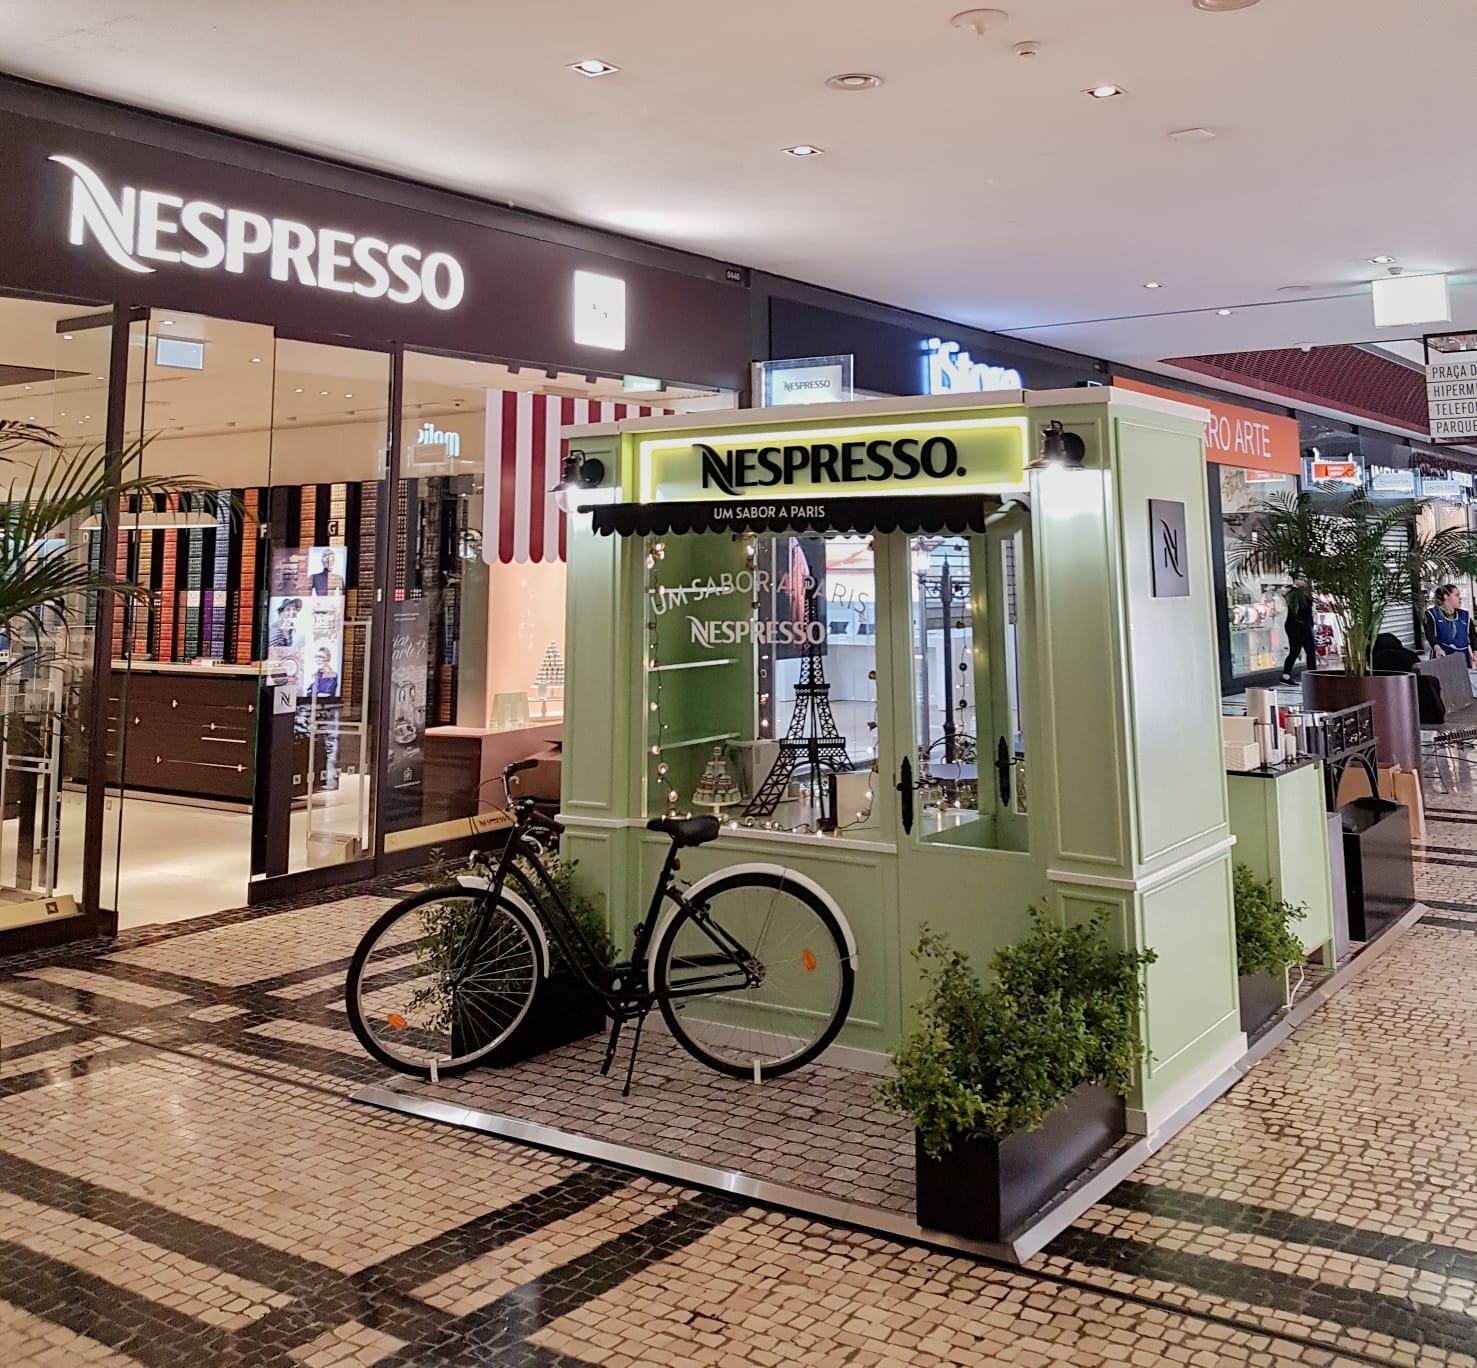 Nespresso_Um Sabor a Paris